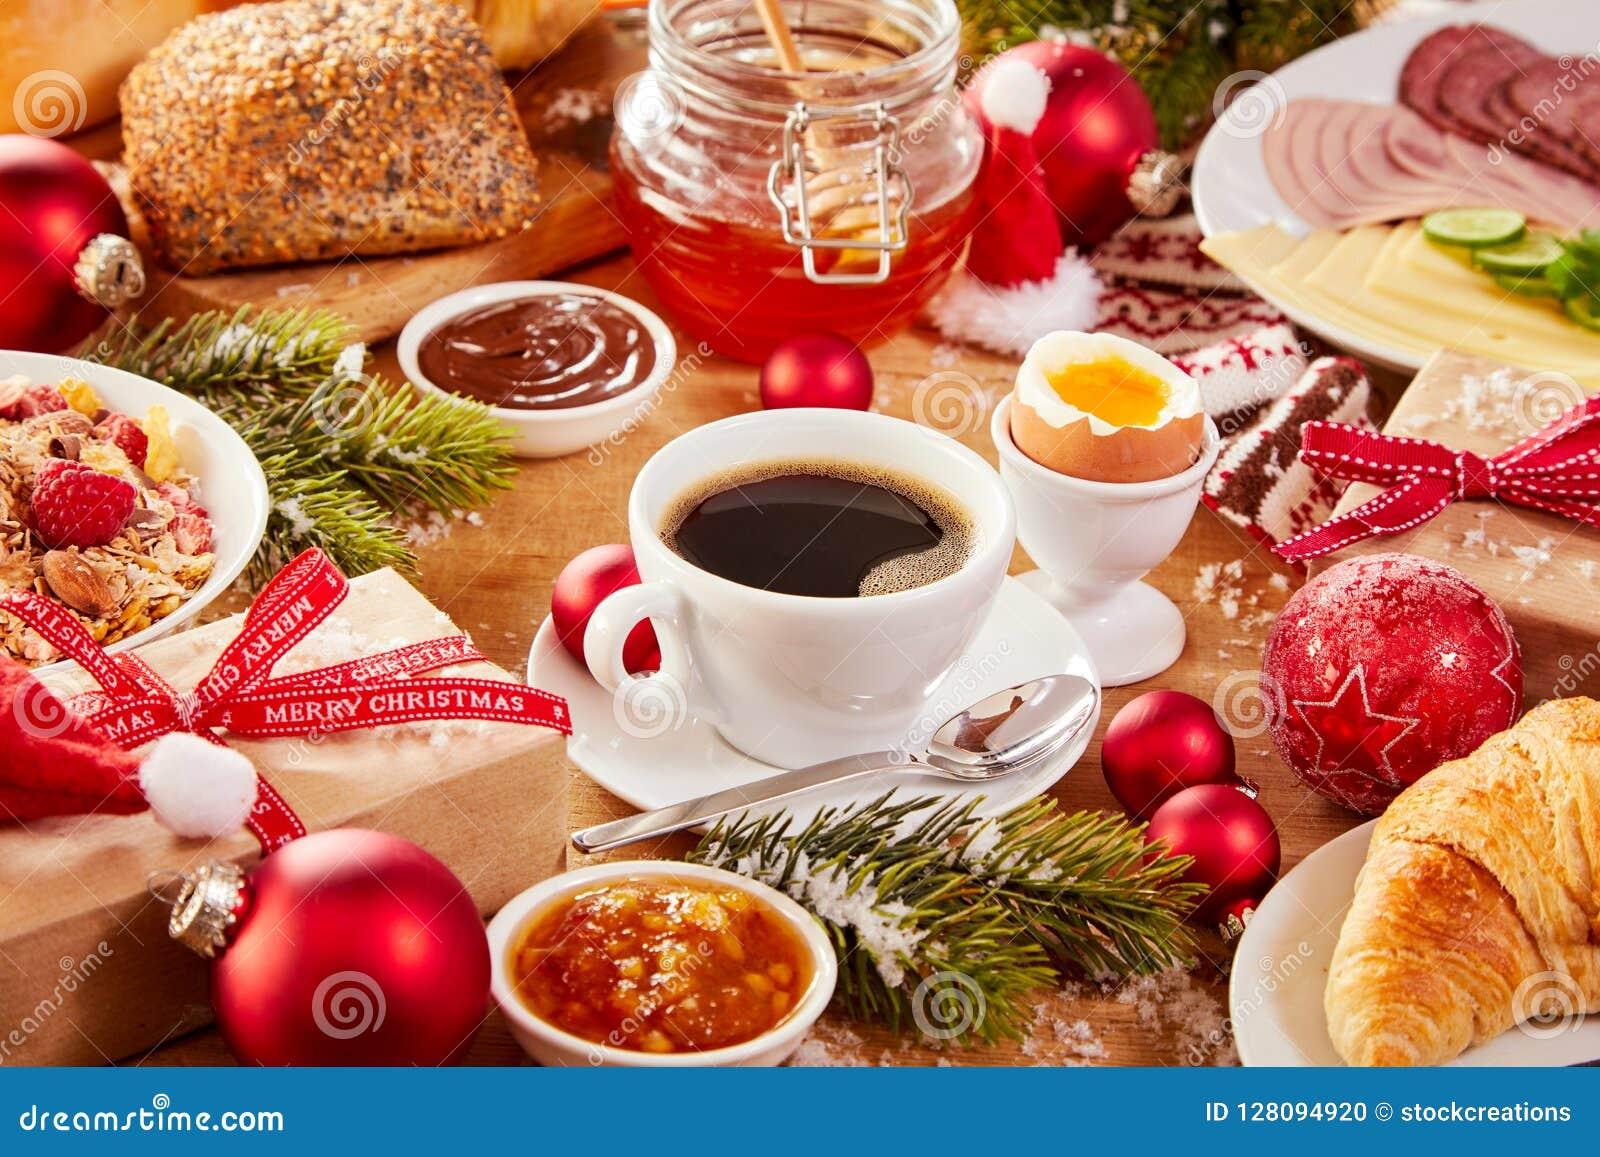 Dimanche 13 décembre Table-de-petit-d%C3%A9jeuner-no%C3%ABl-avec-la-nourriture-et-les-ornements-128094920